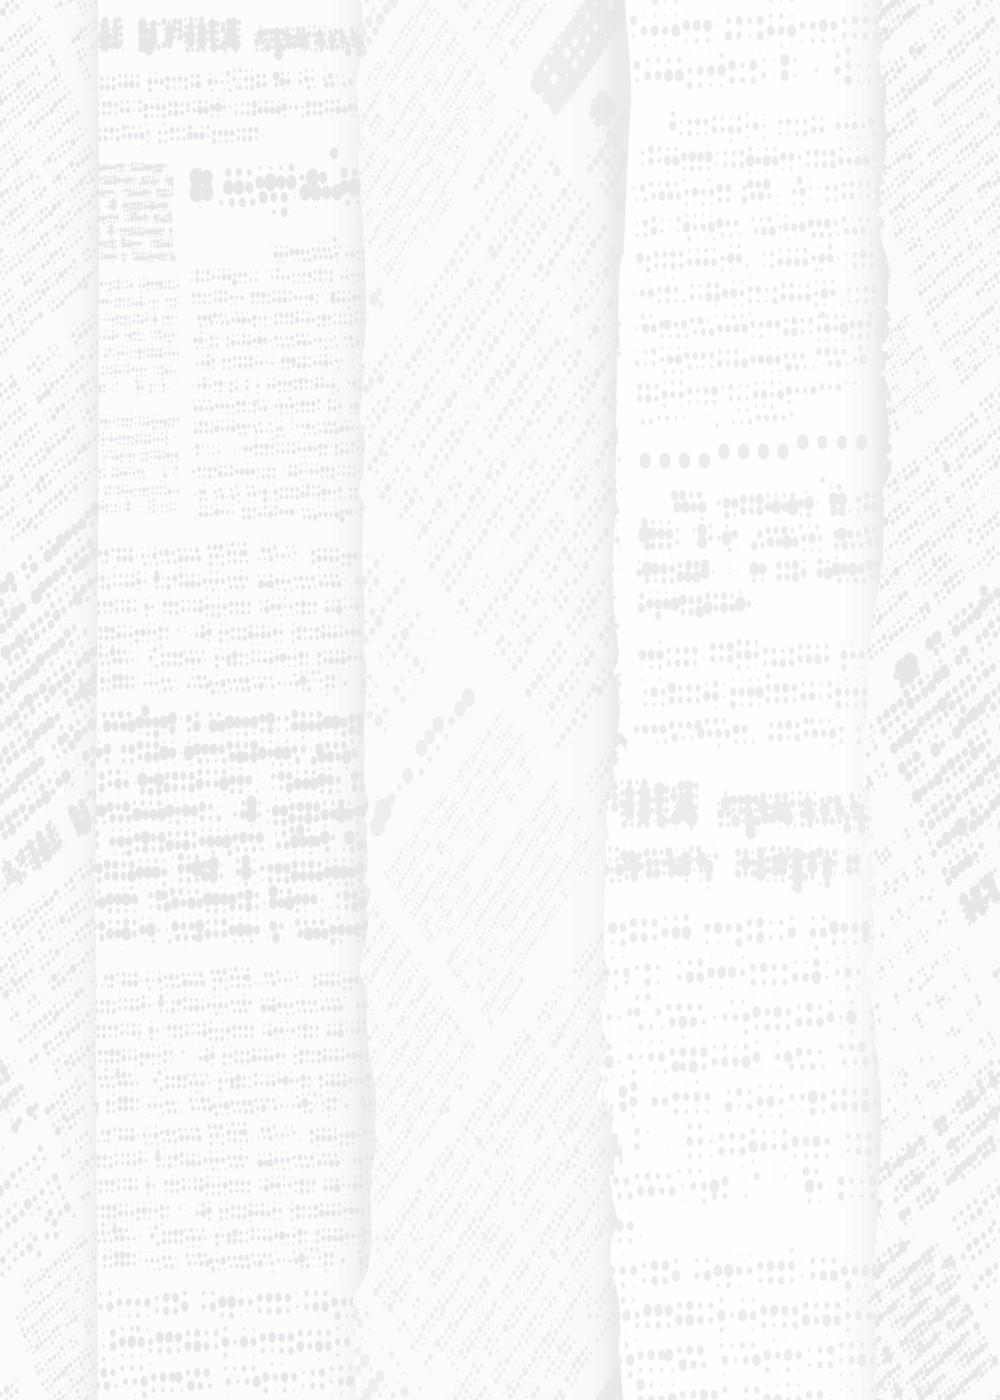 Skrippy Ratgeber: Online-Zeitung Der Skrippy-Ratgeber: So gelingt deine Online-Zeitung garantiert Titelblatt